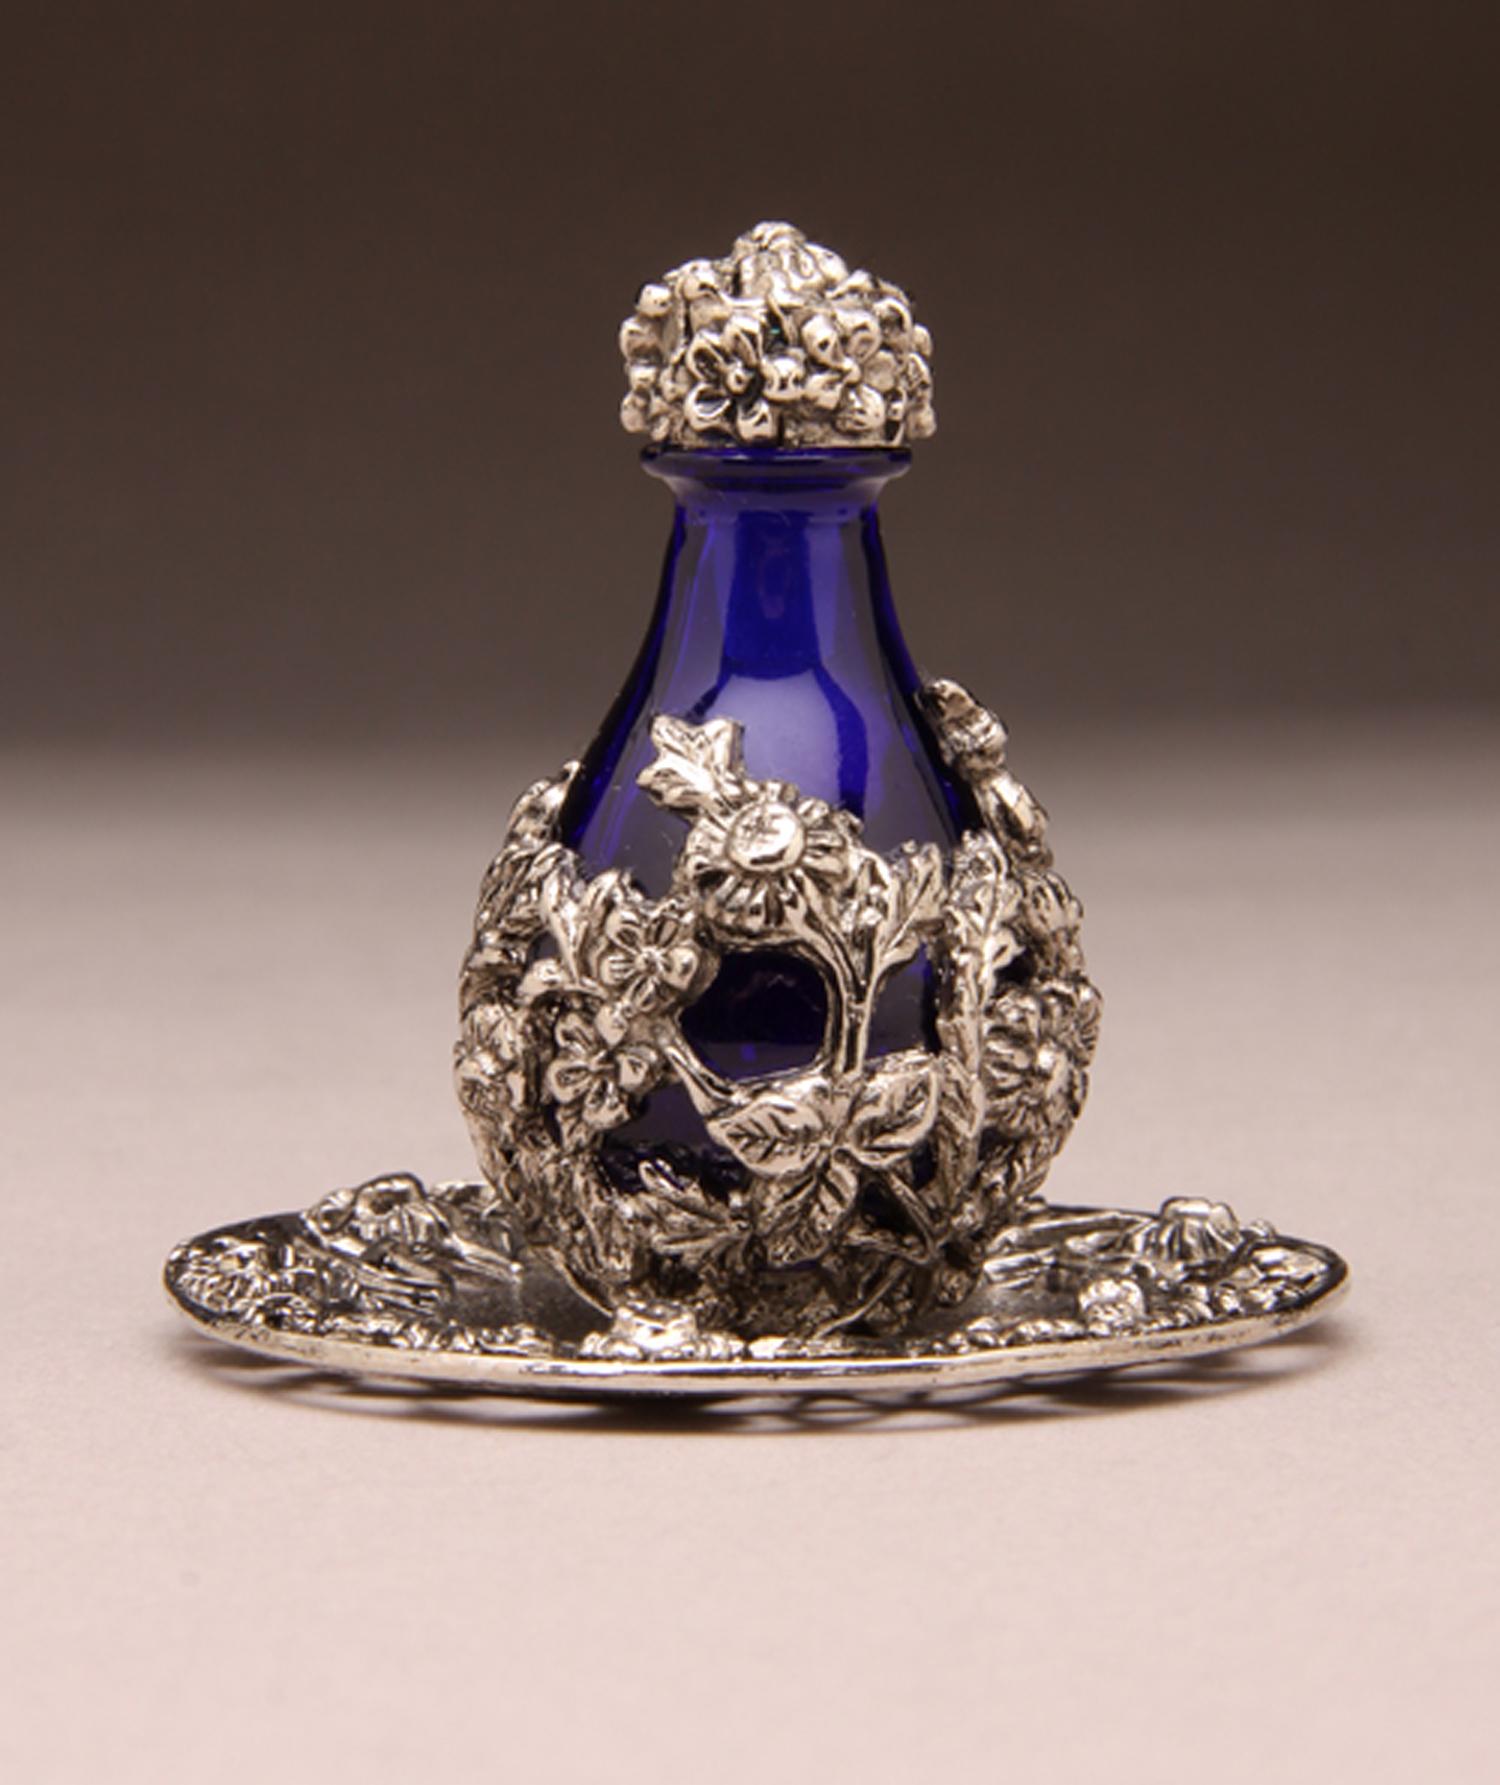 silve-w-blue-glass.jpg